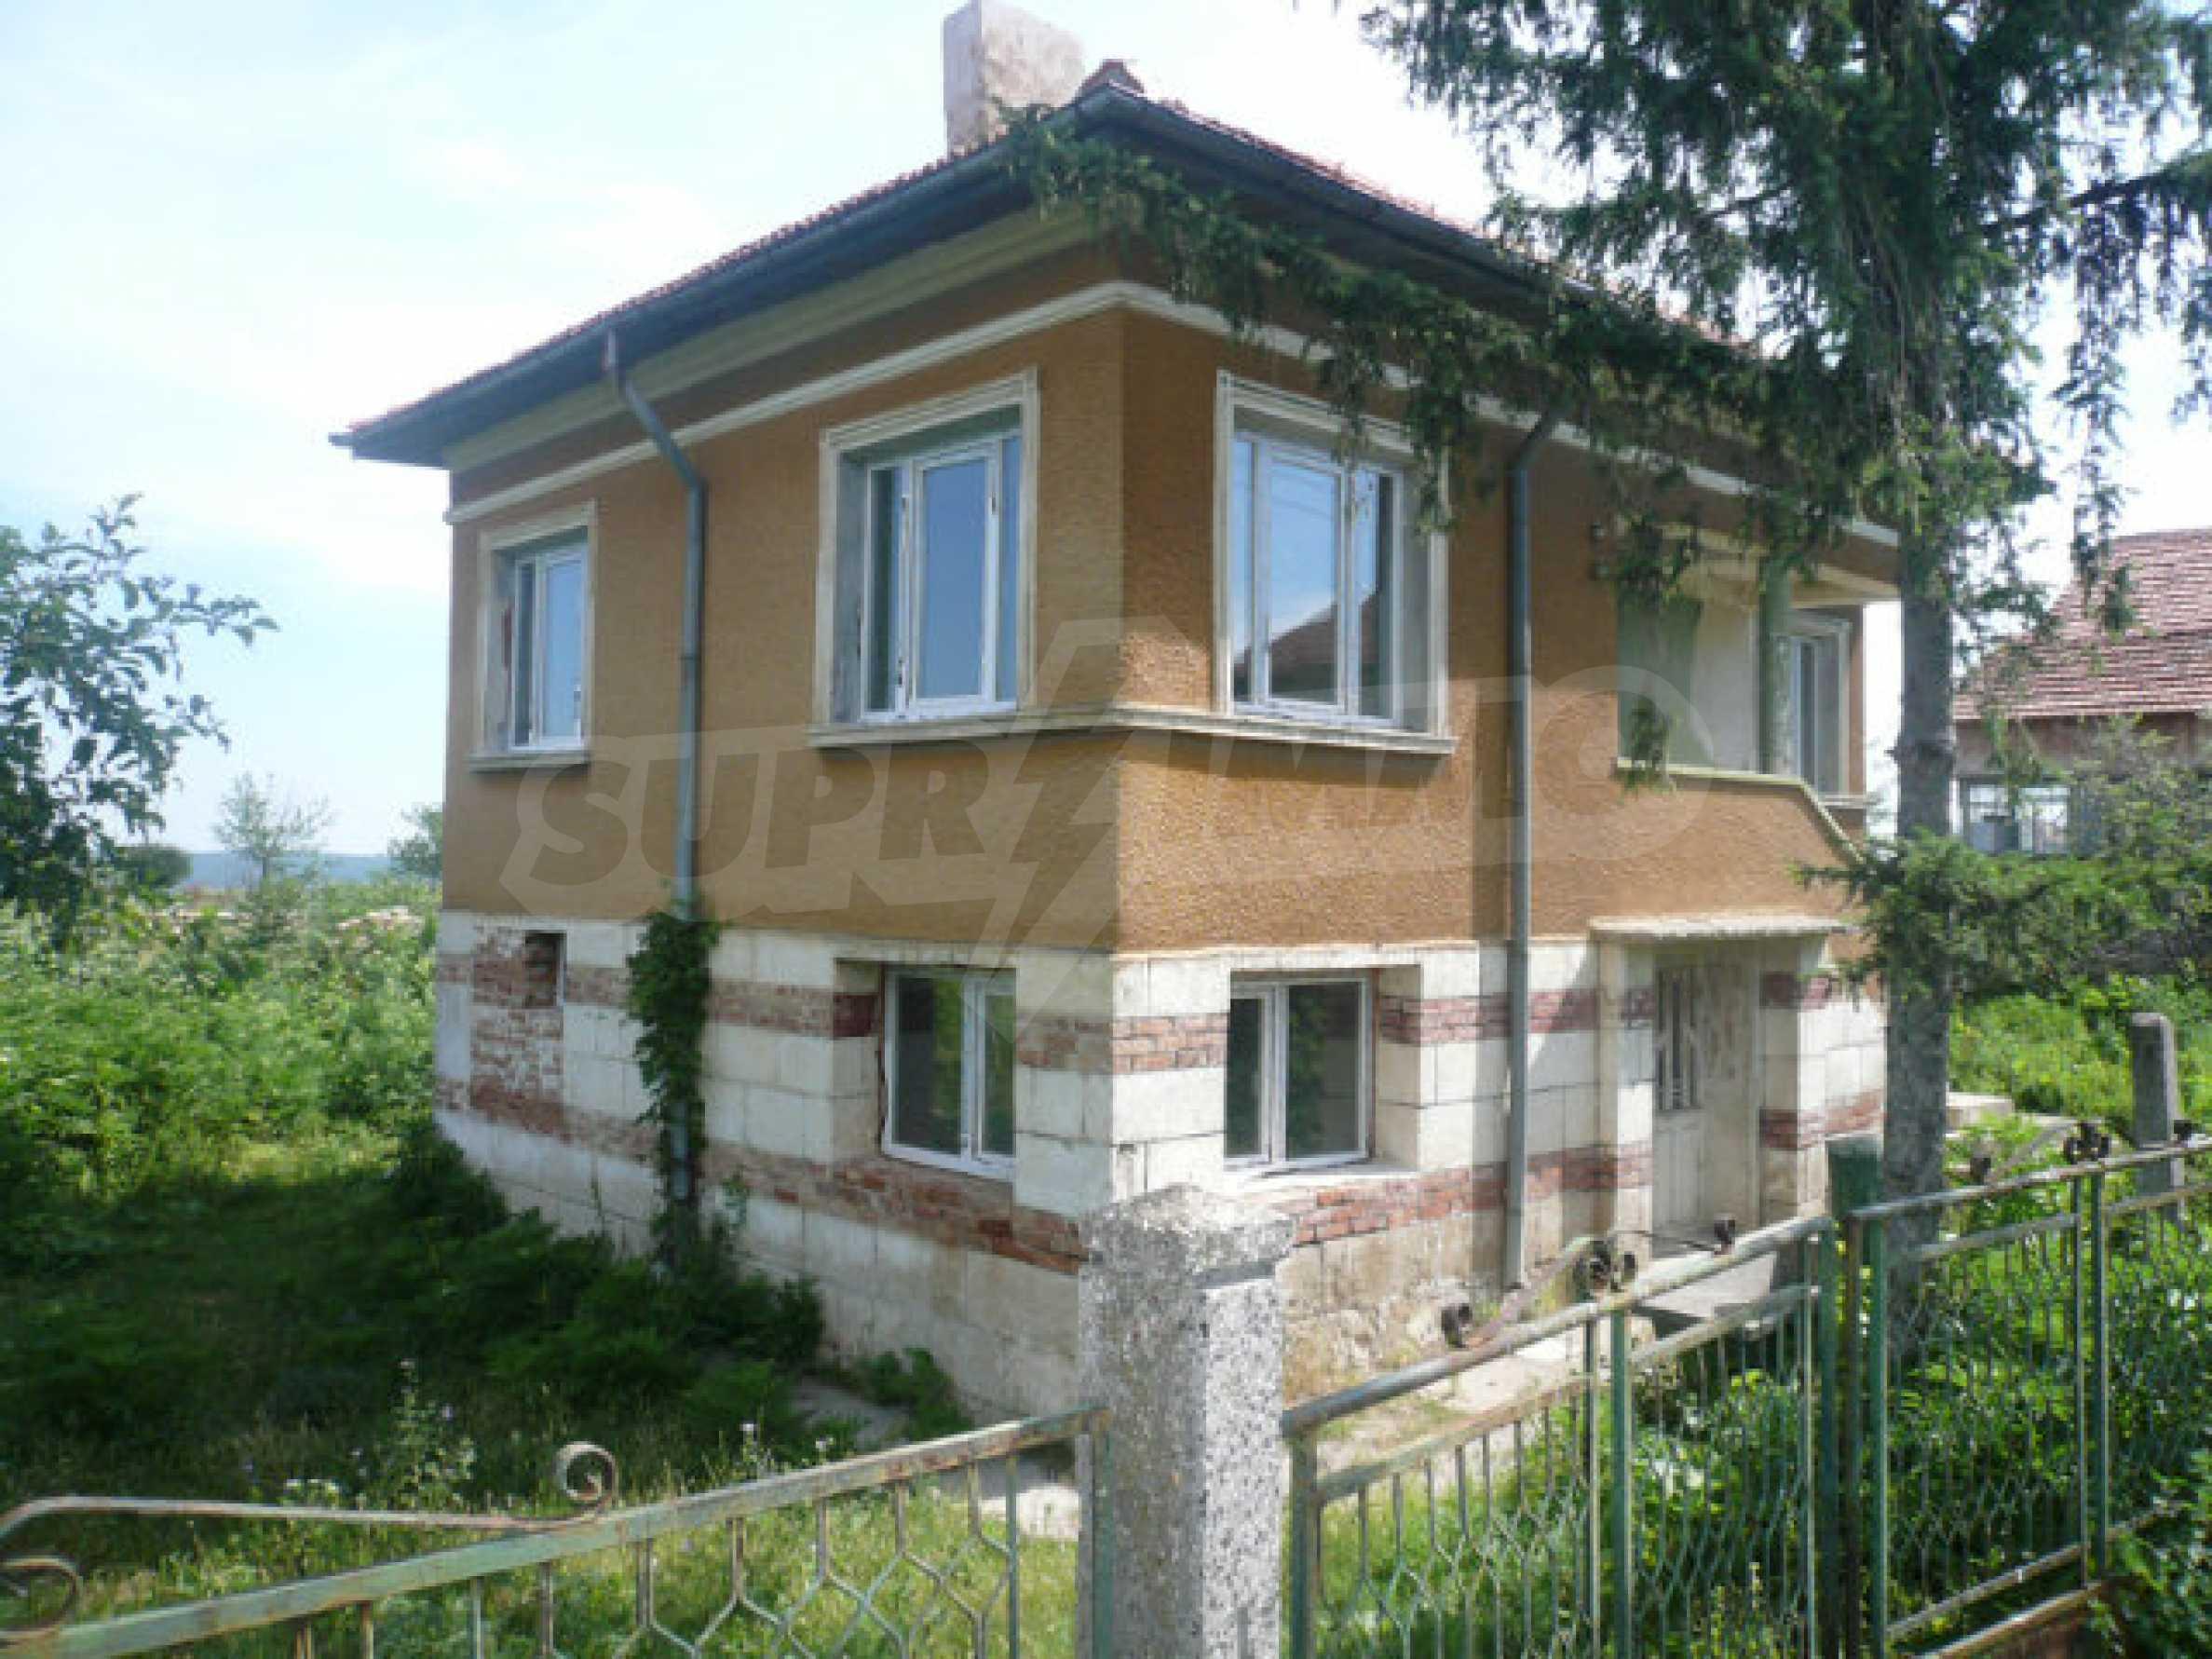 Geräumiges Haus mit Garten in einem ruhigen Dorf 2